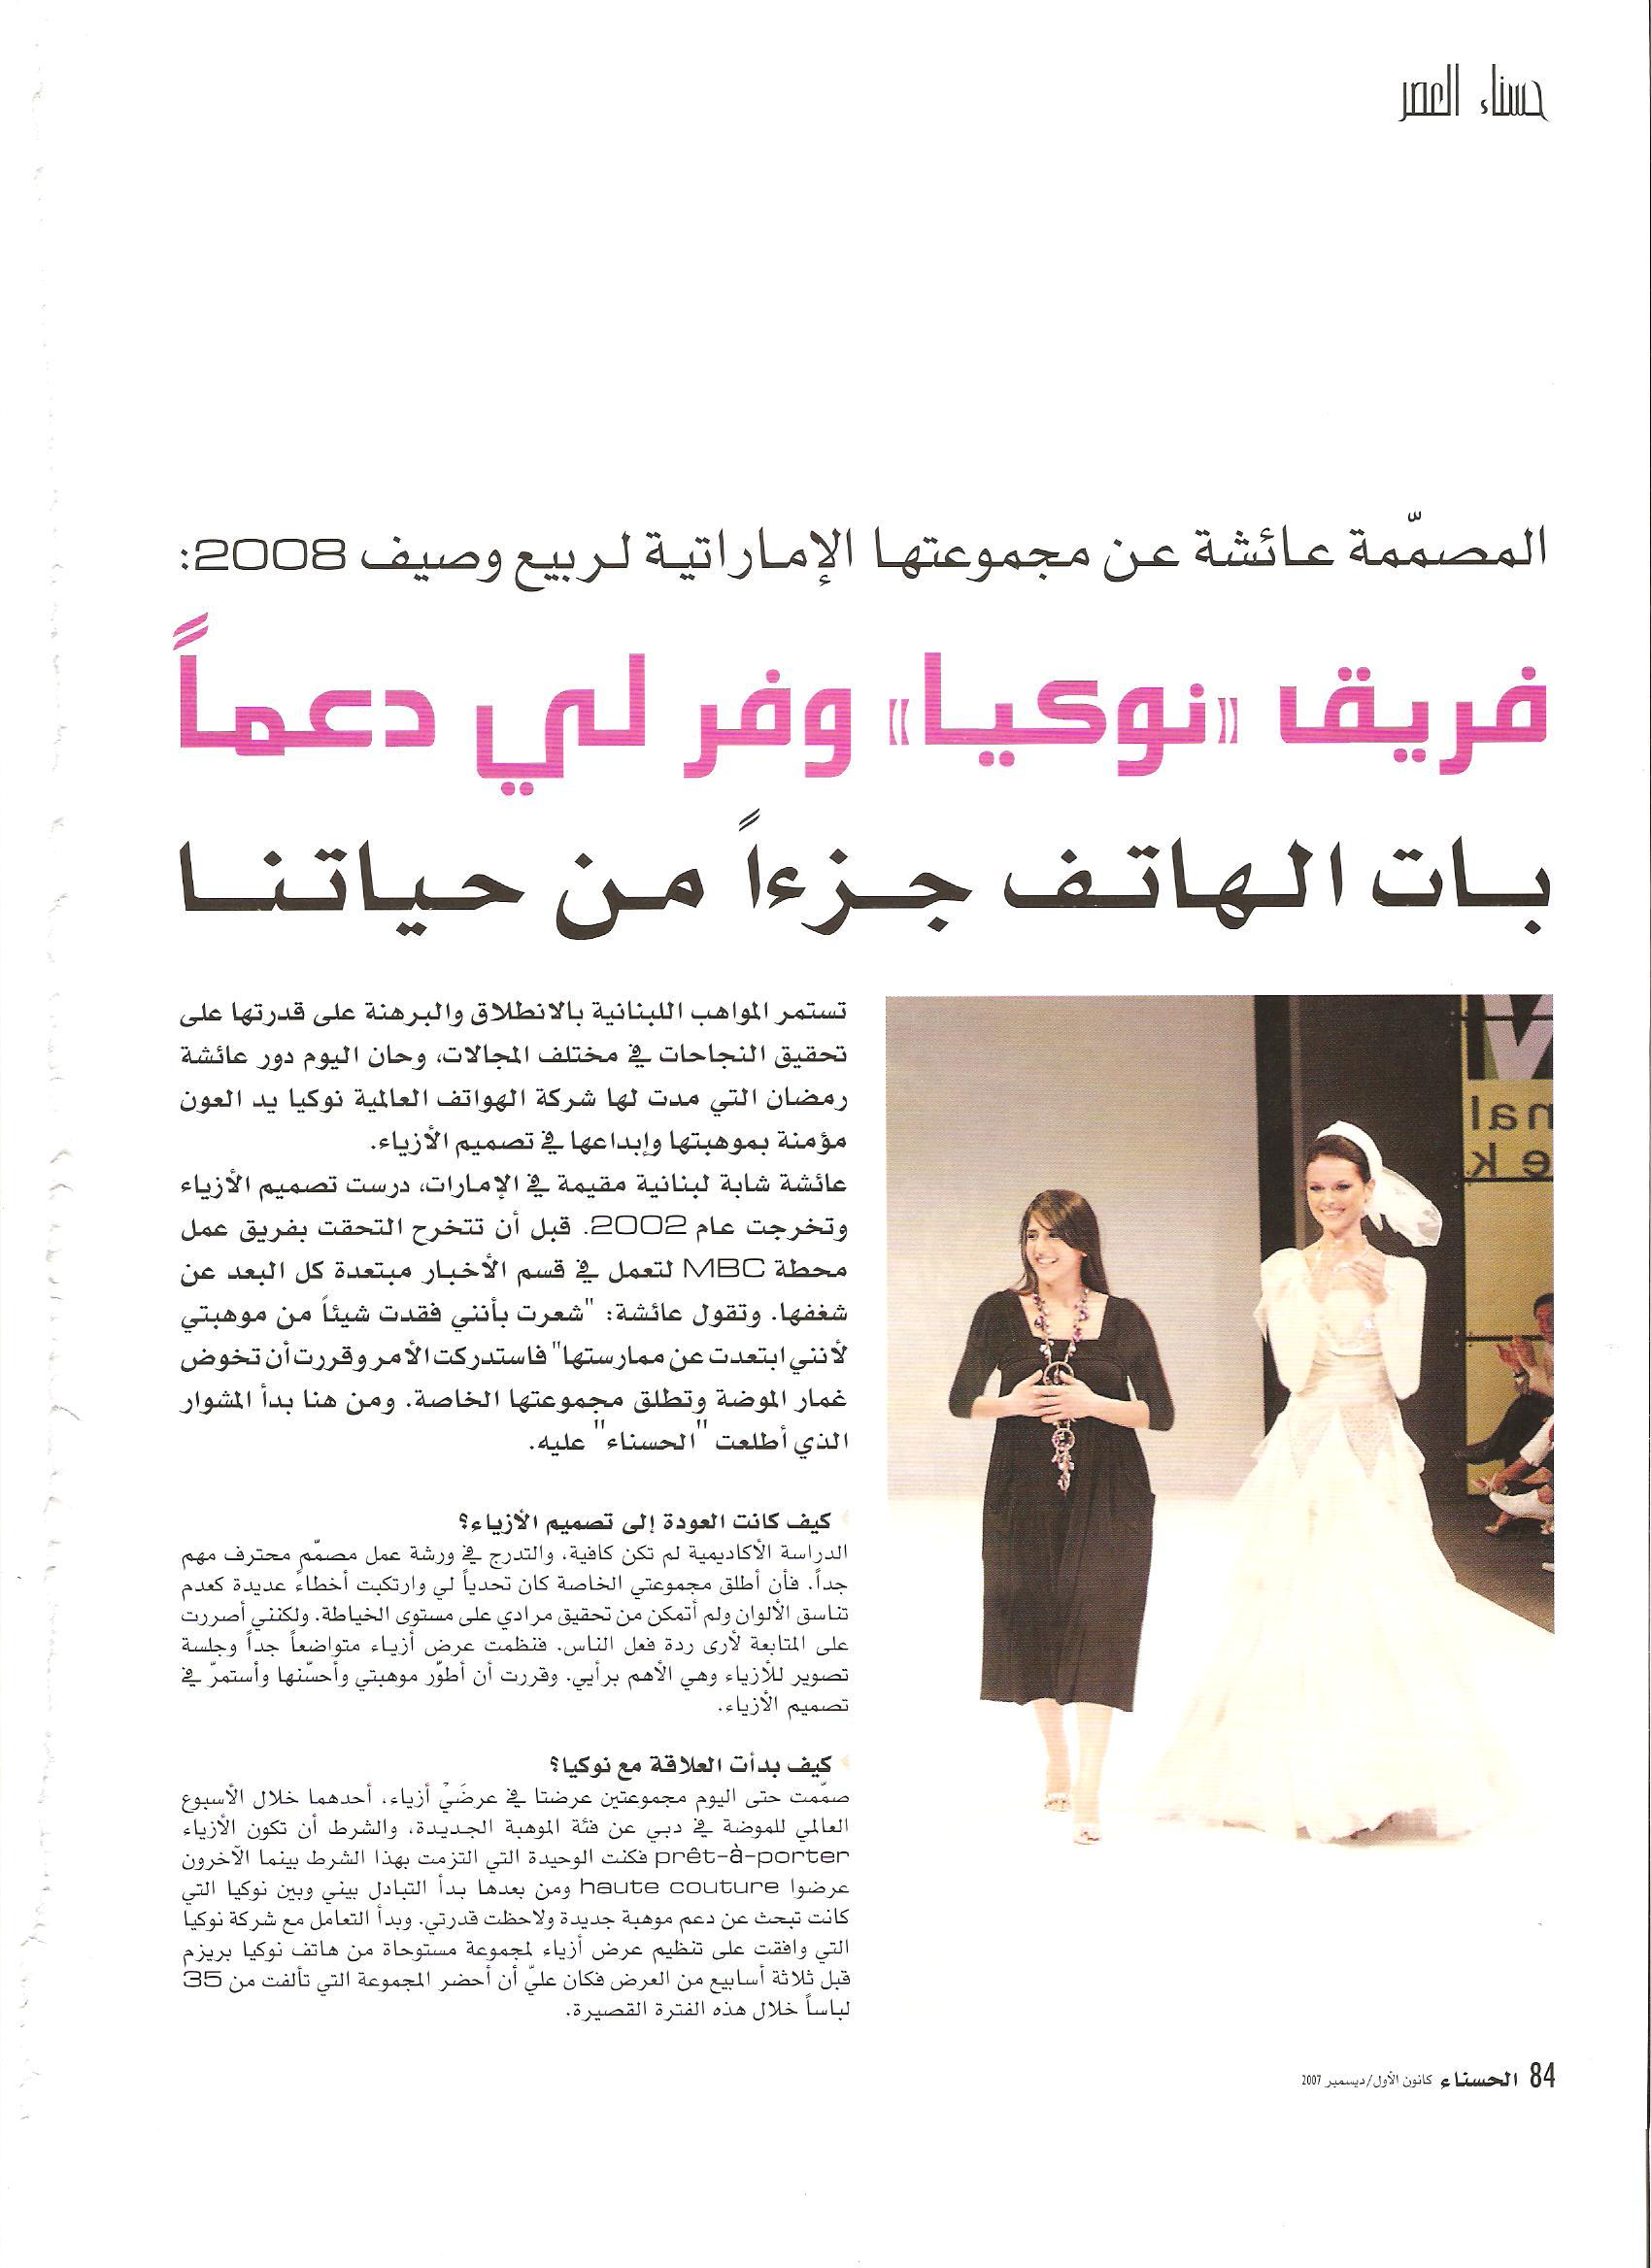 AlhasnaaDec2007-01.jpg